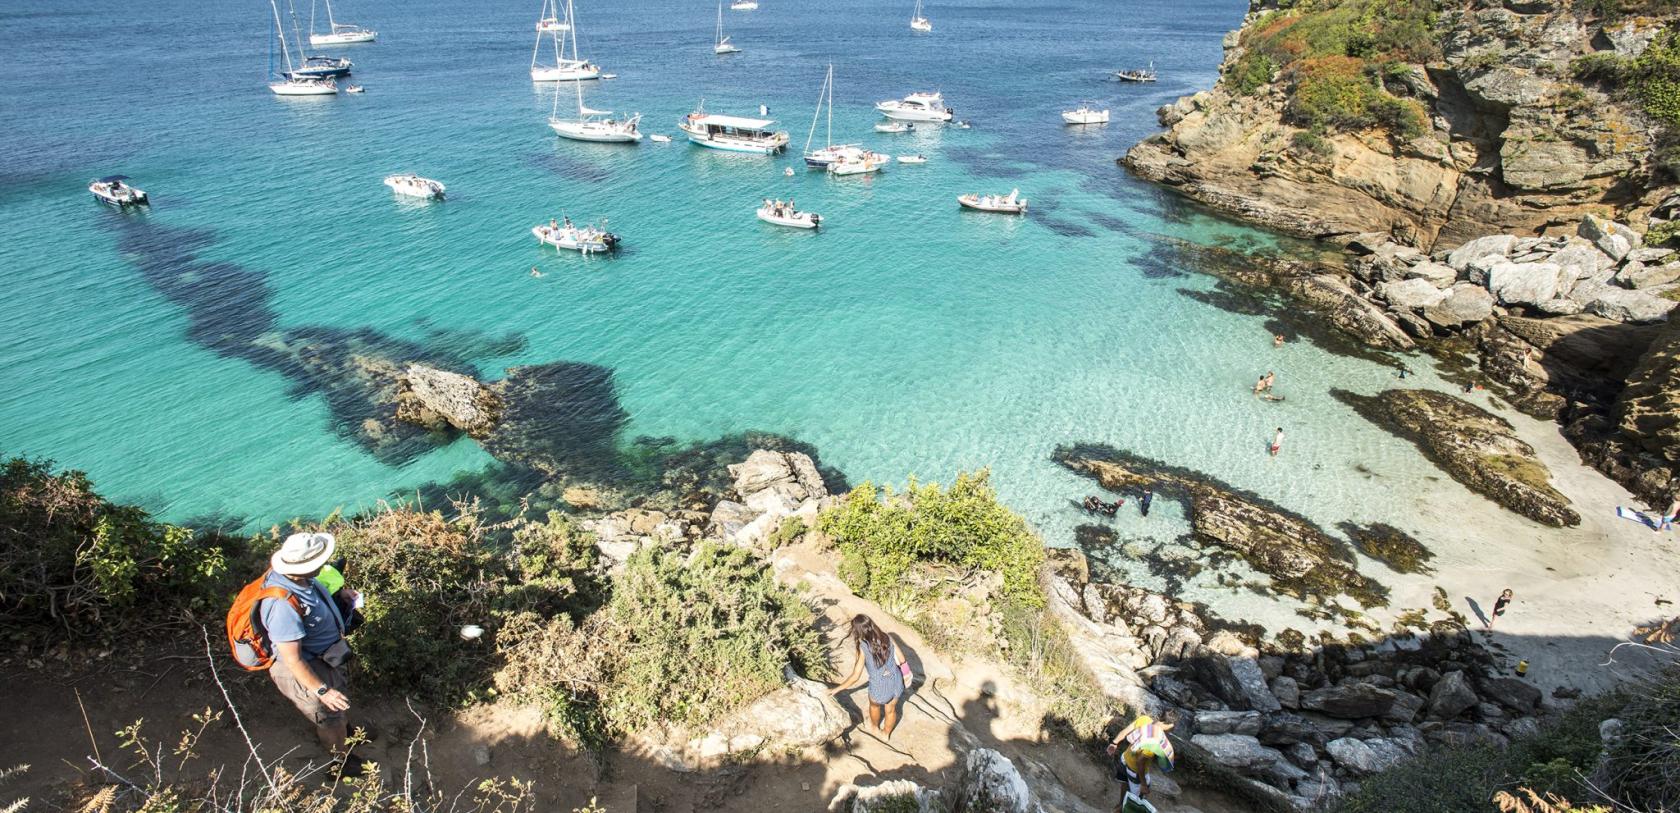 Descente dans une crique de l'Ile de Groix